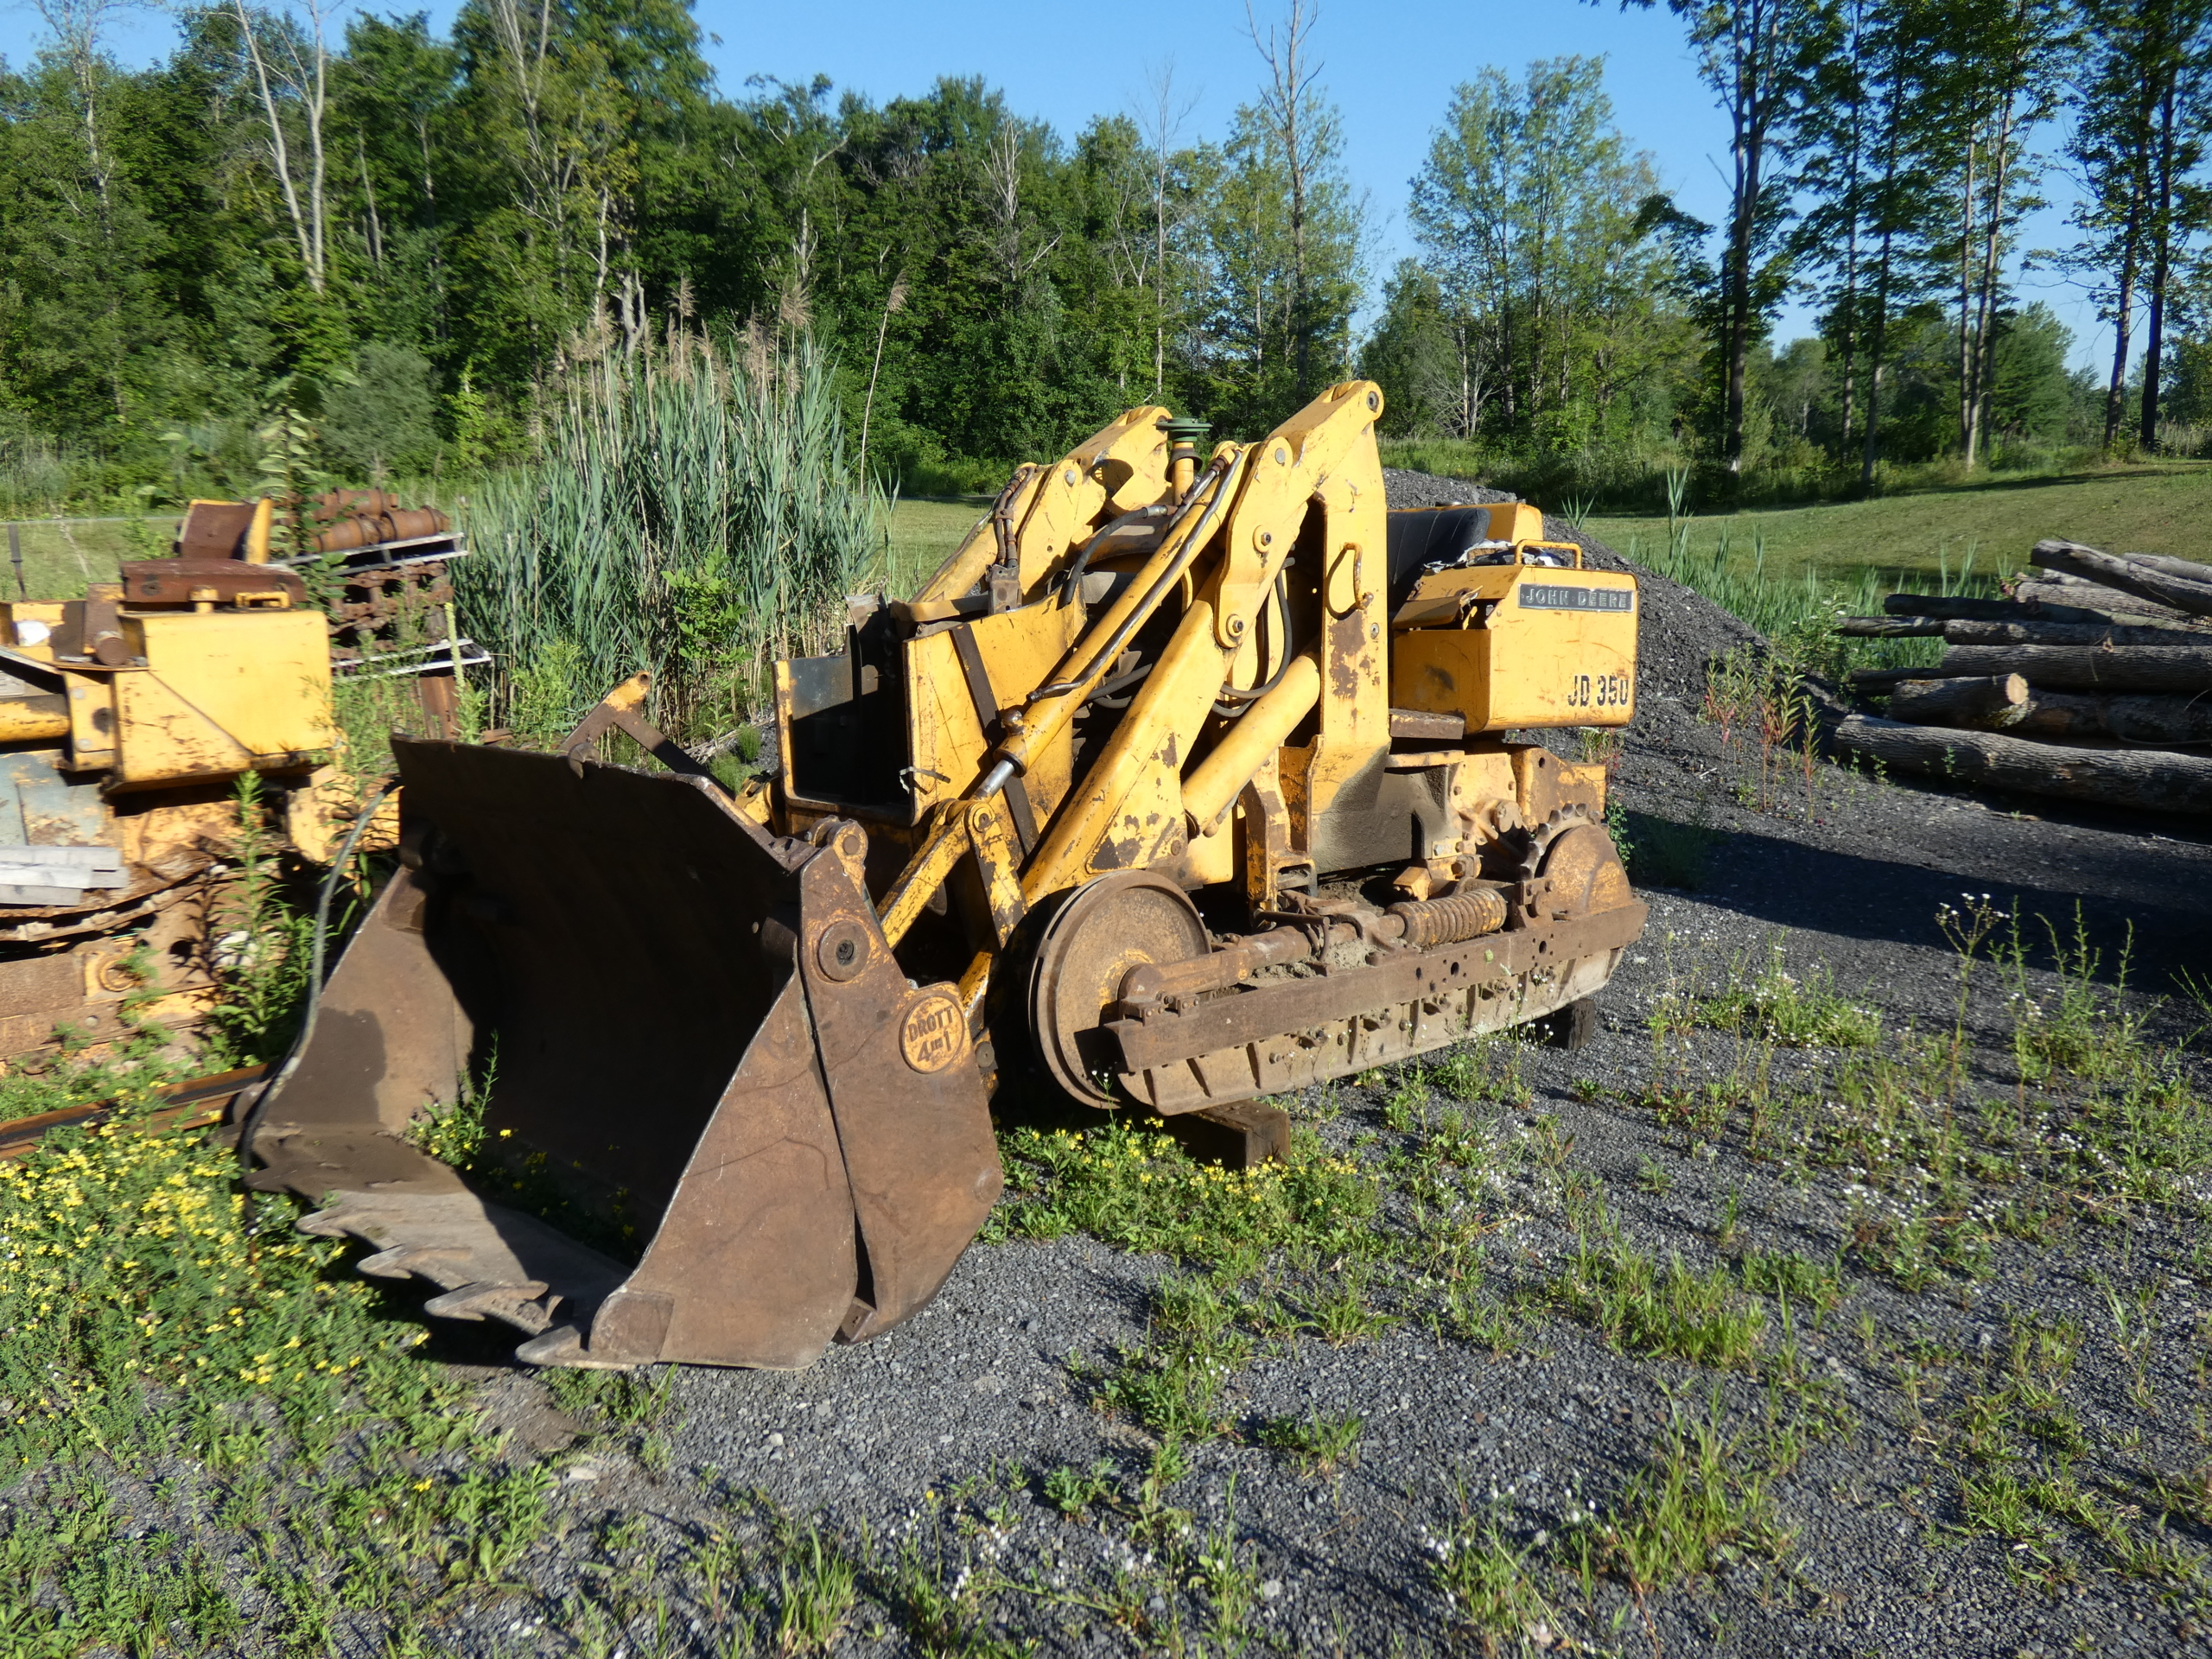 John Deere 350 Salvage Parts